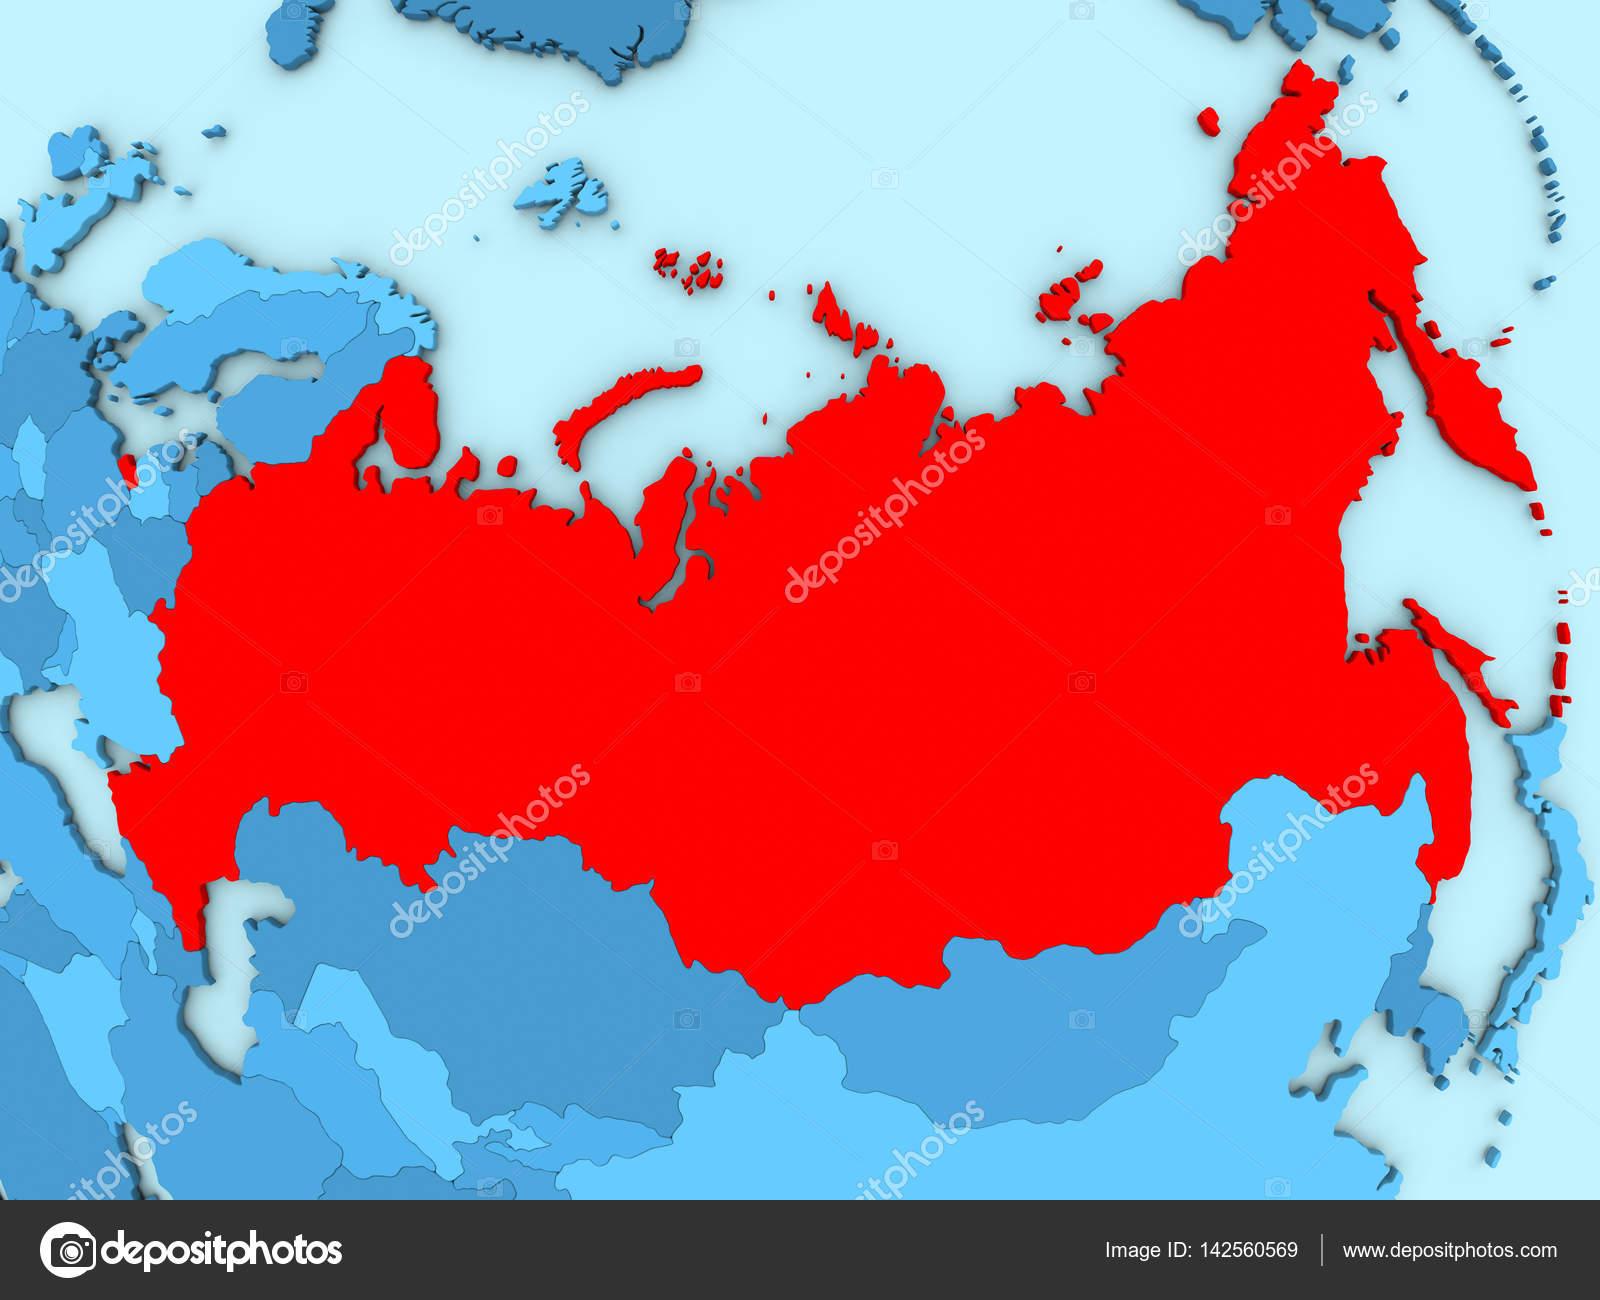 俄罗斯突出显示为红色蓝色地图上的国家.3d 图– 图库图片